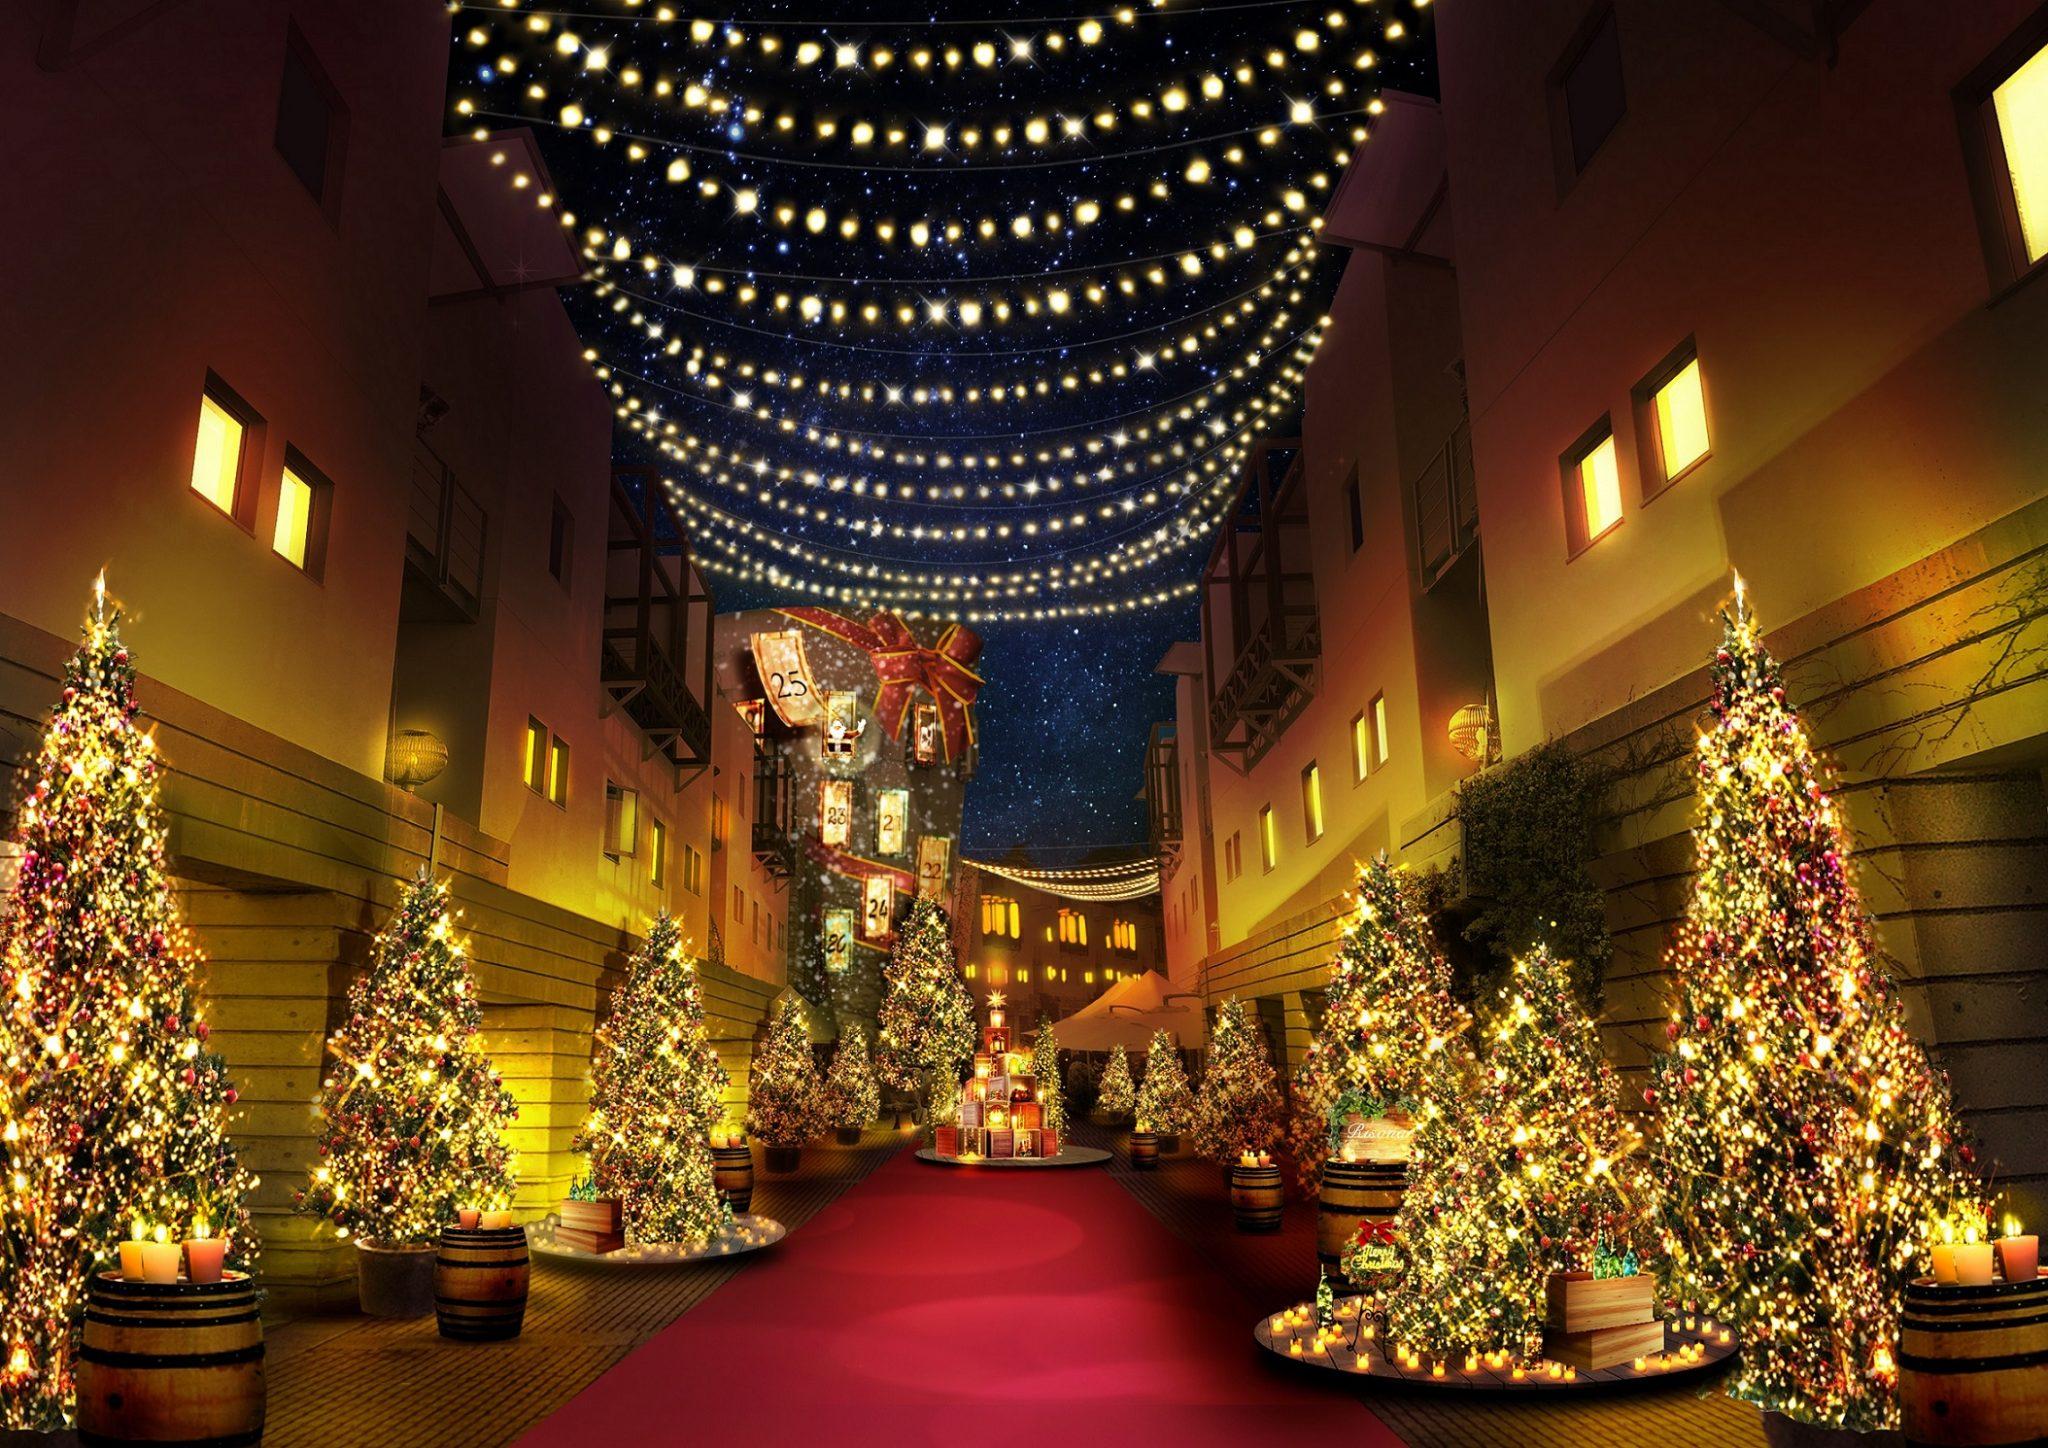 八ヶ岳クリスマスタウン 北杜市 イルミネーション イベント 2